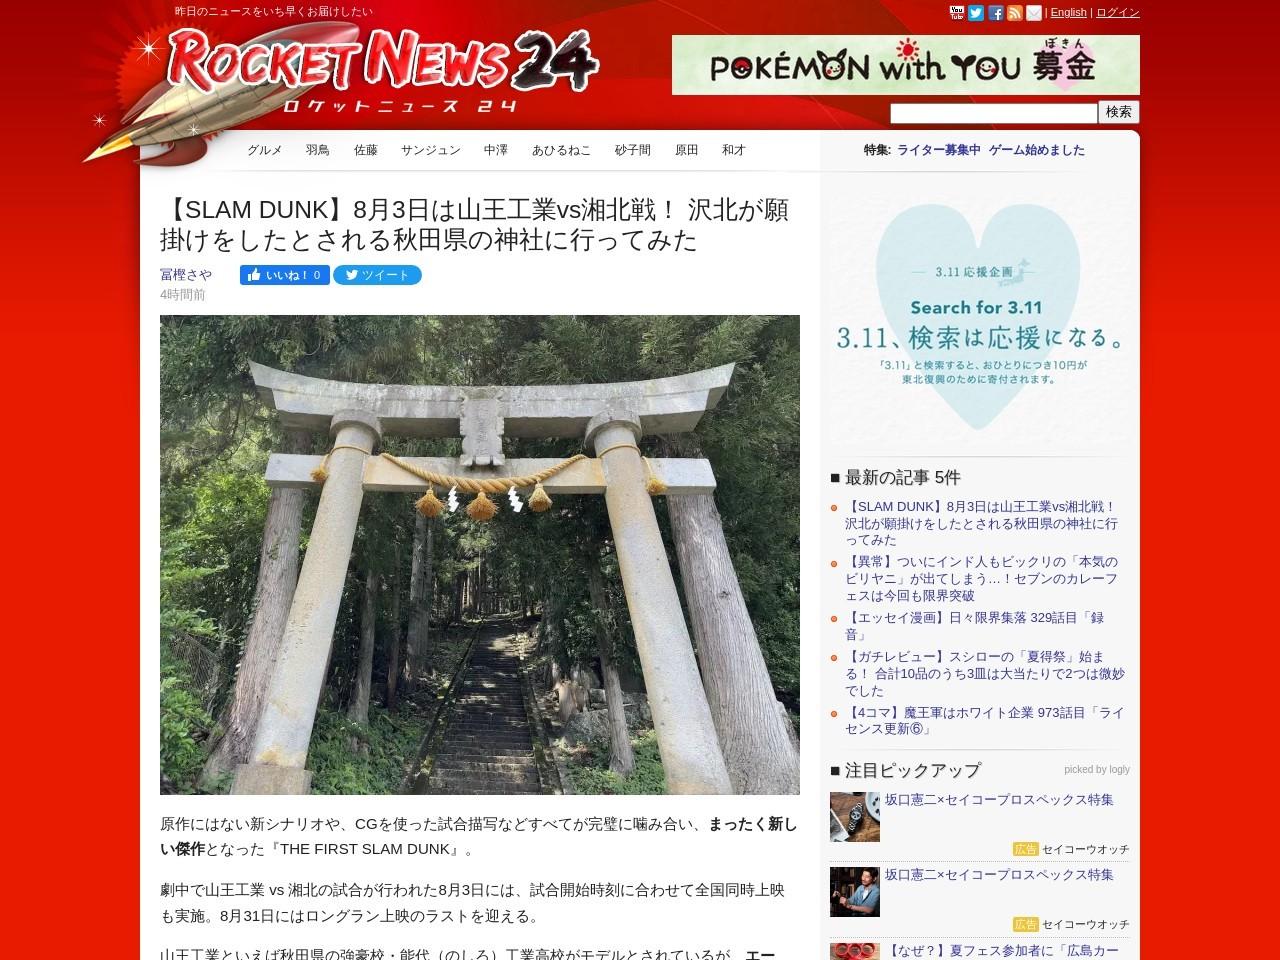 Screenshot of rocketnews24.com